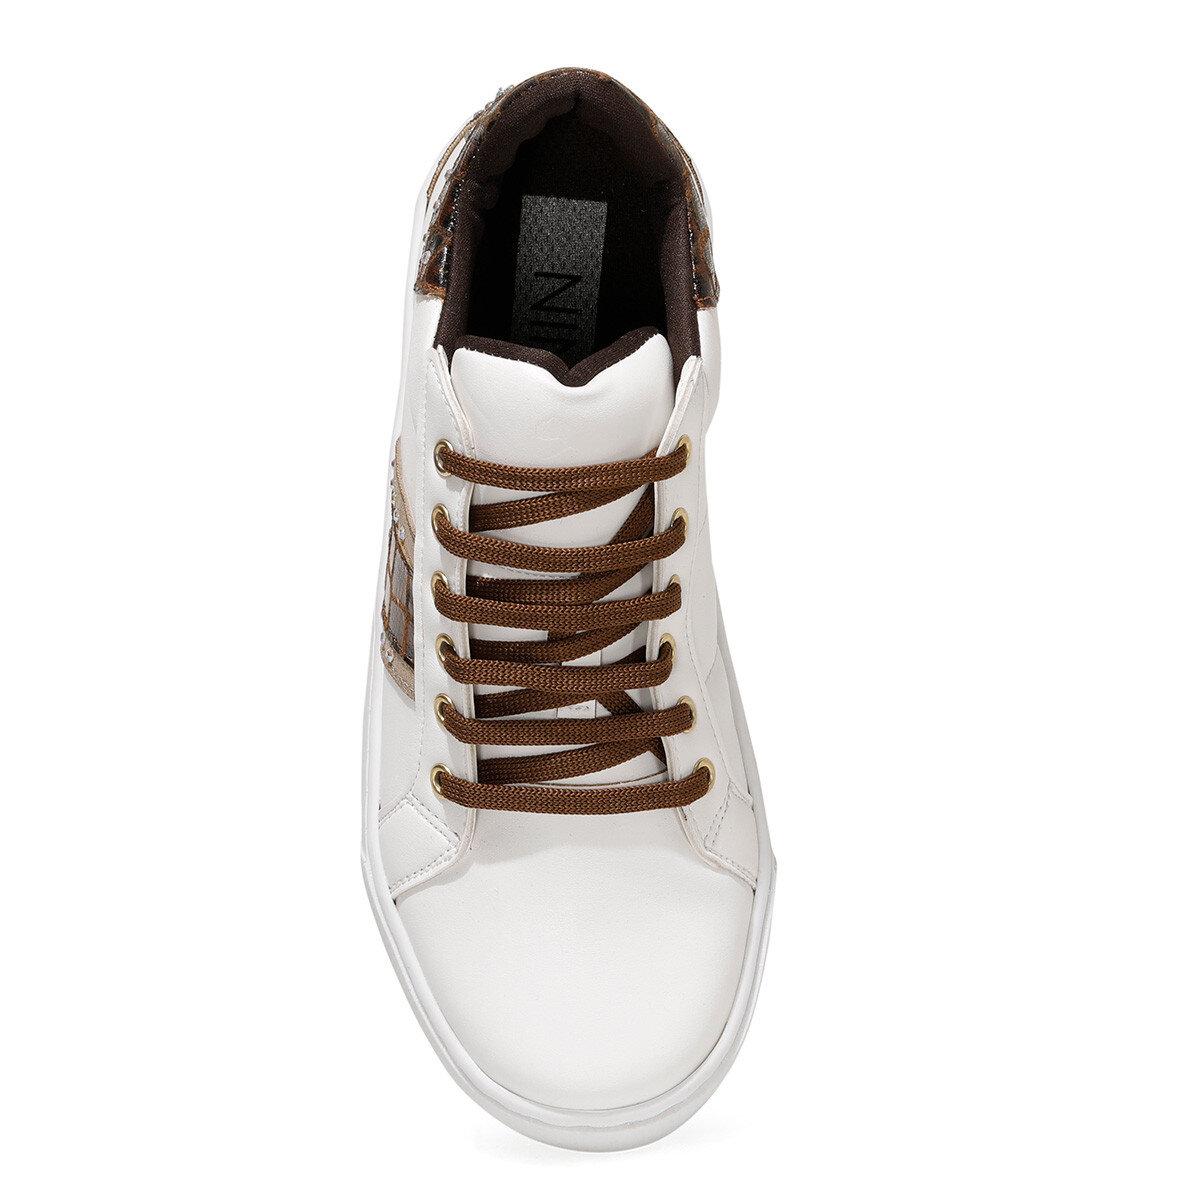 KYLE Beyaz Kadın Sneaker